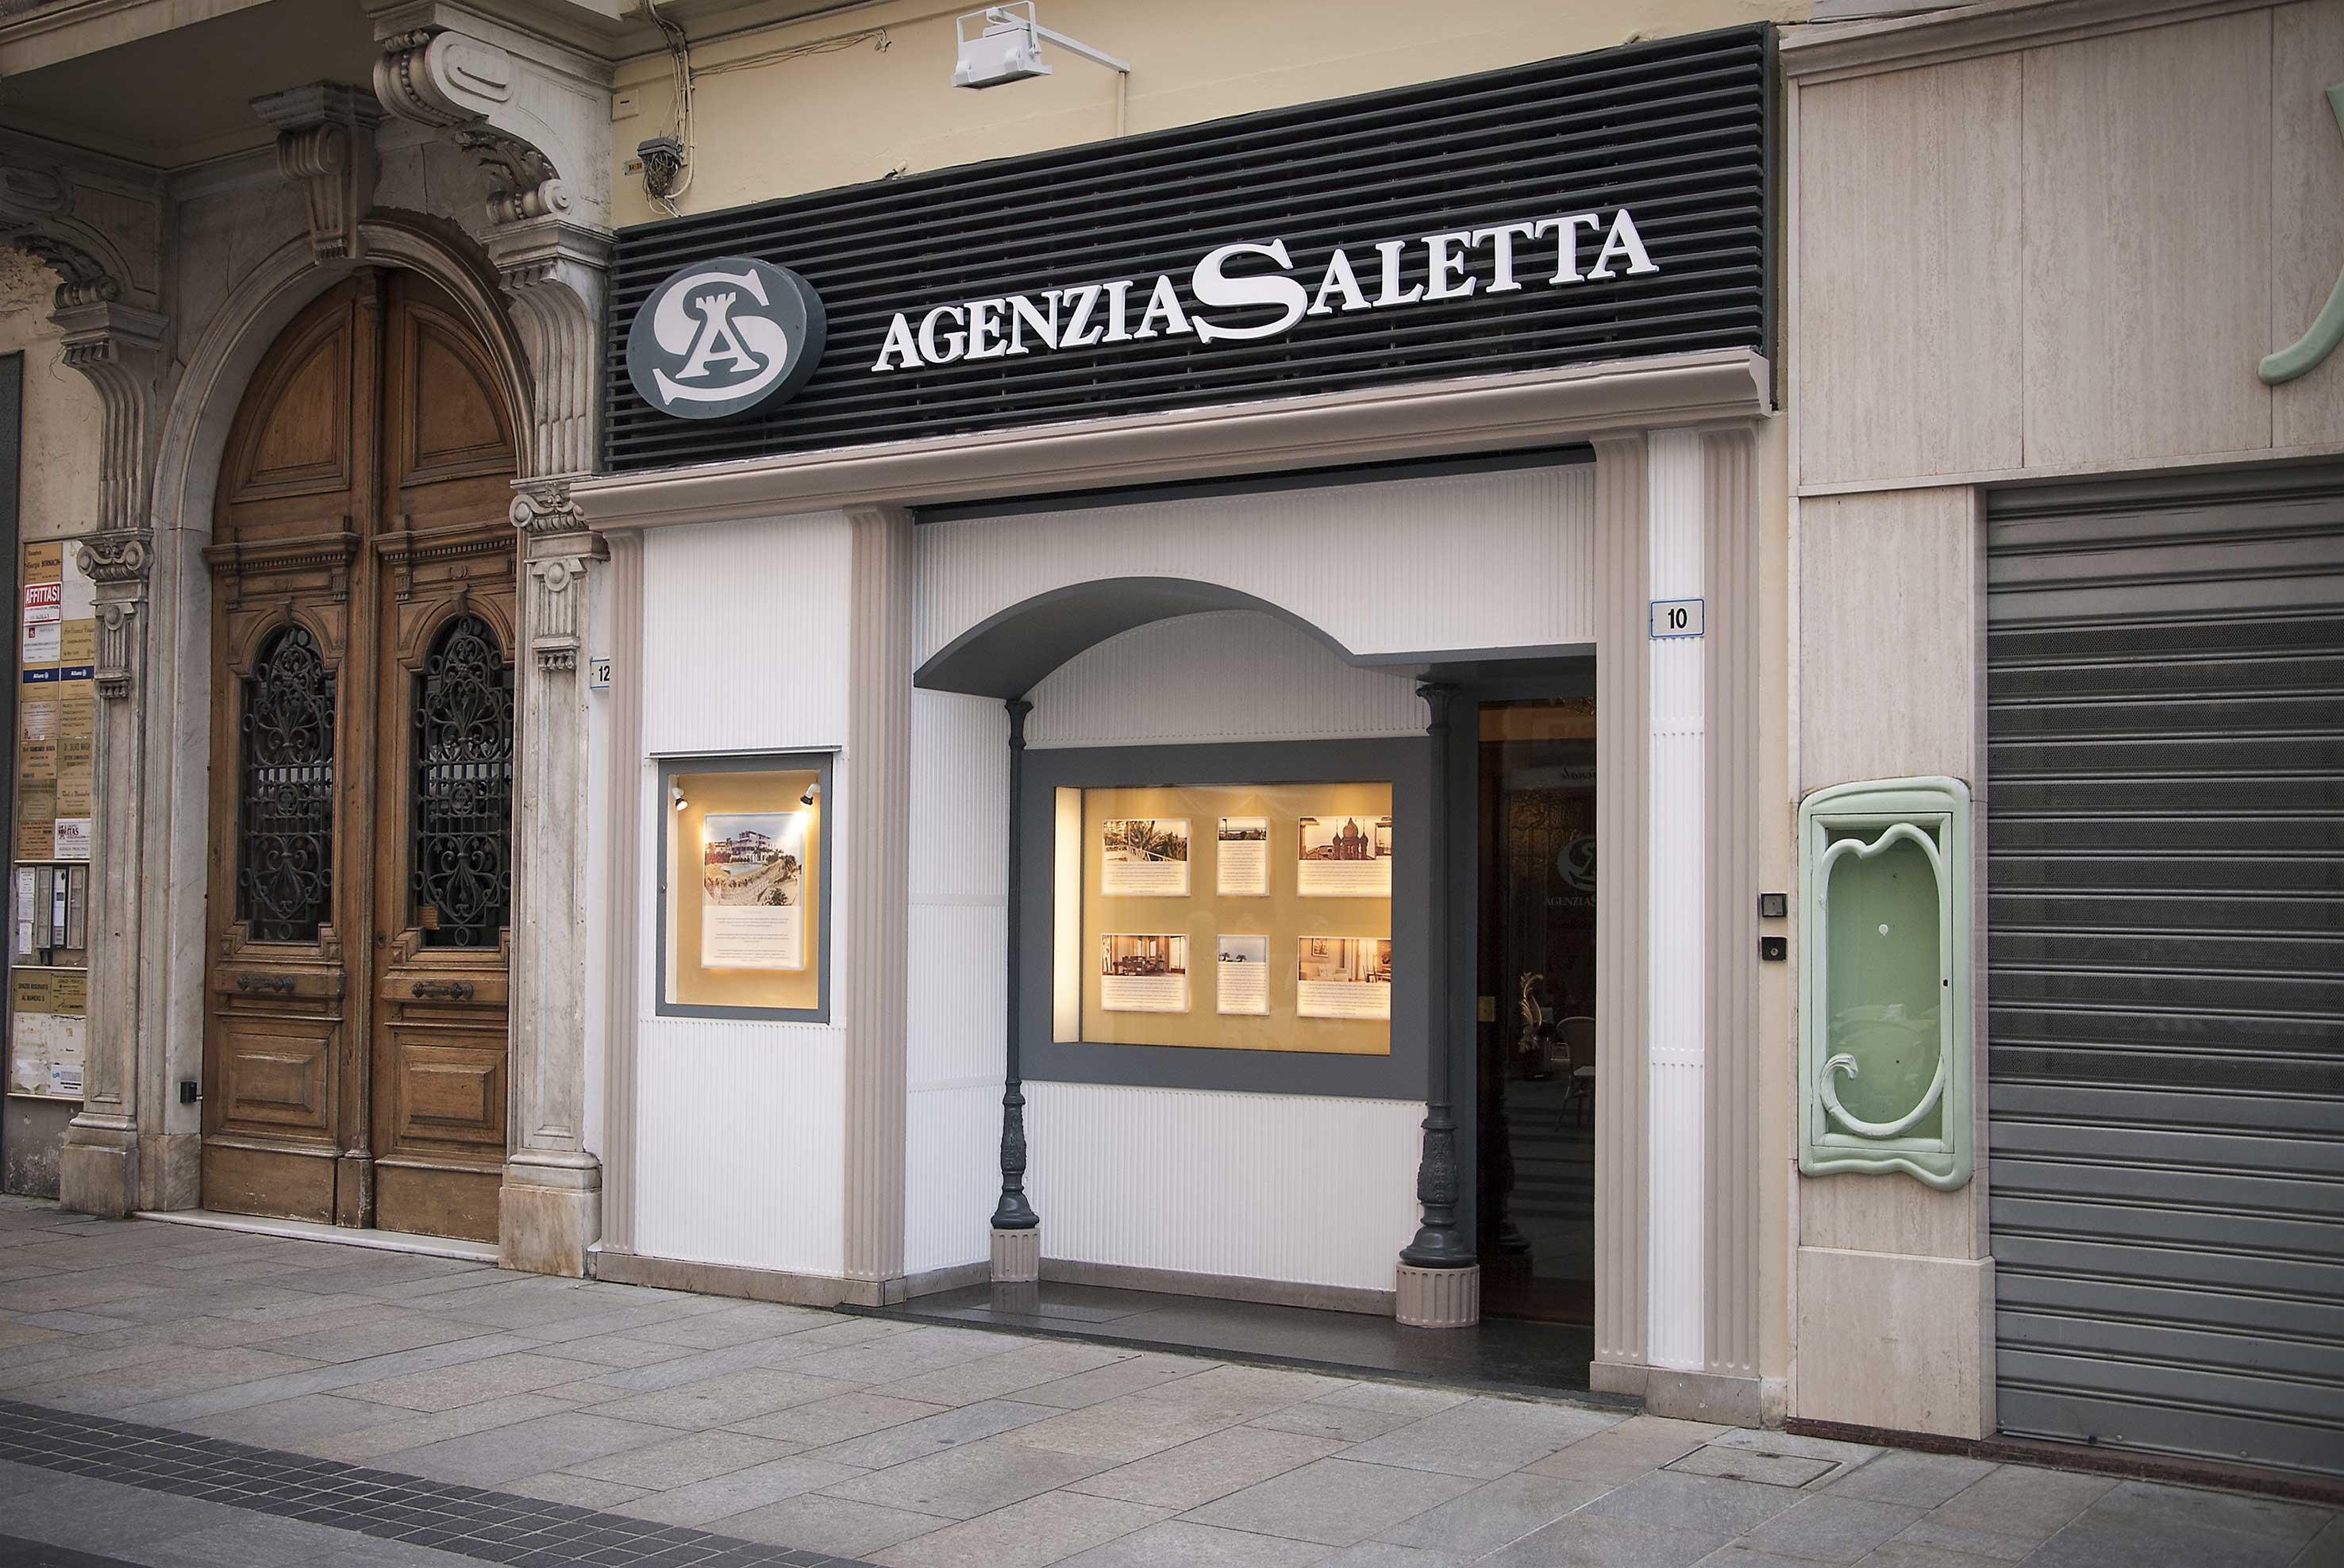 Agenzia - Saletta Real Estate